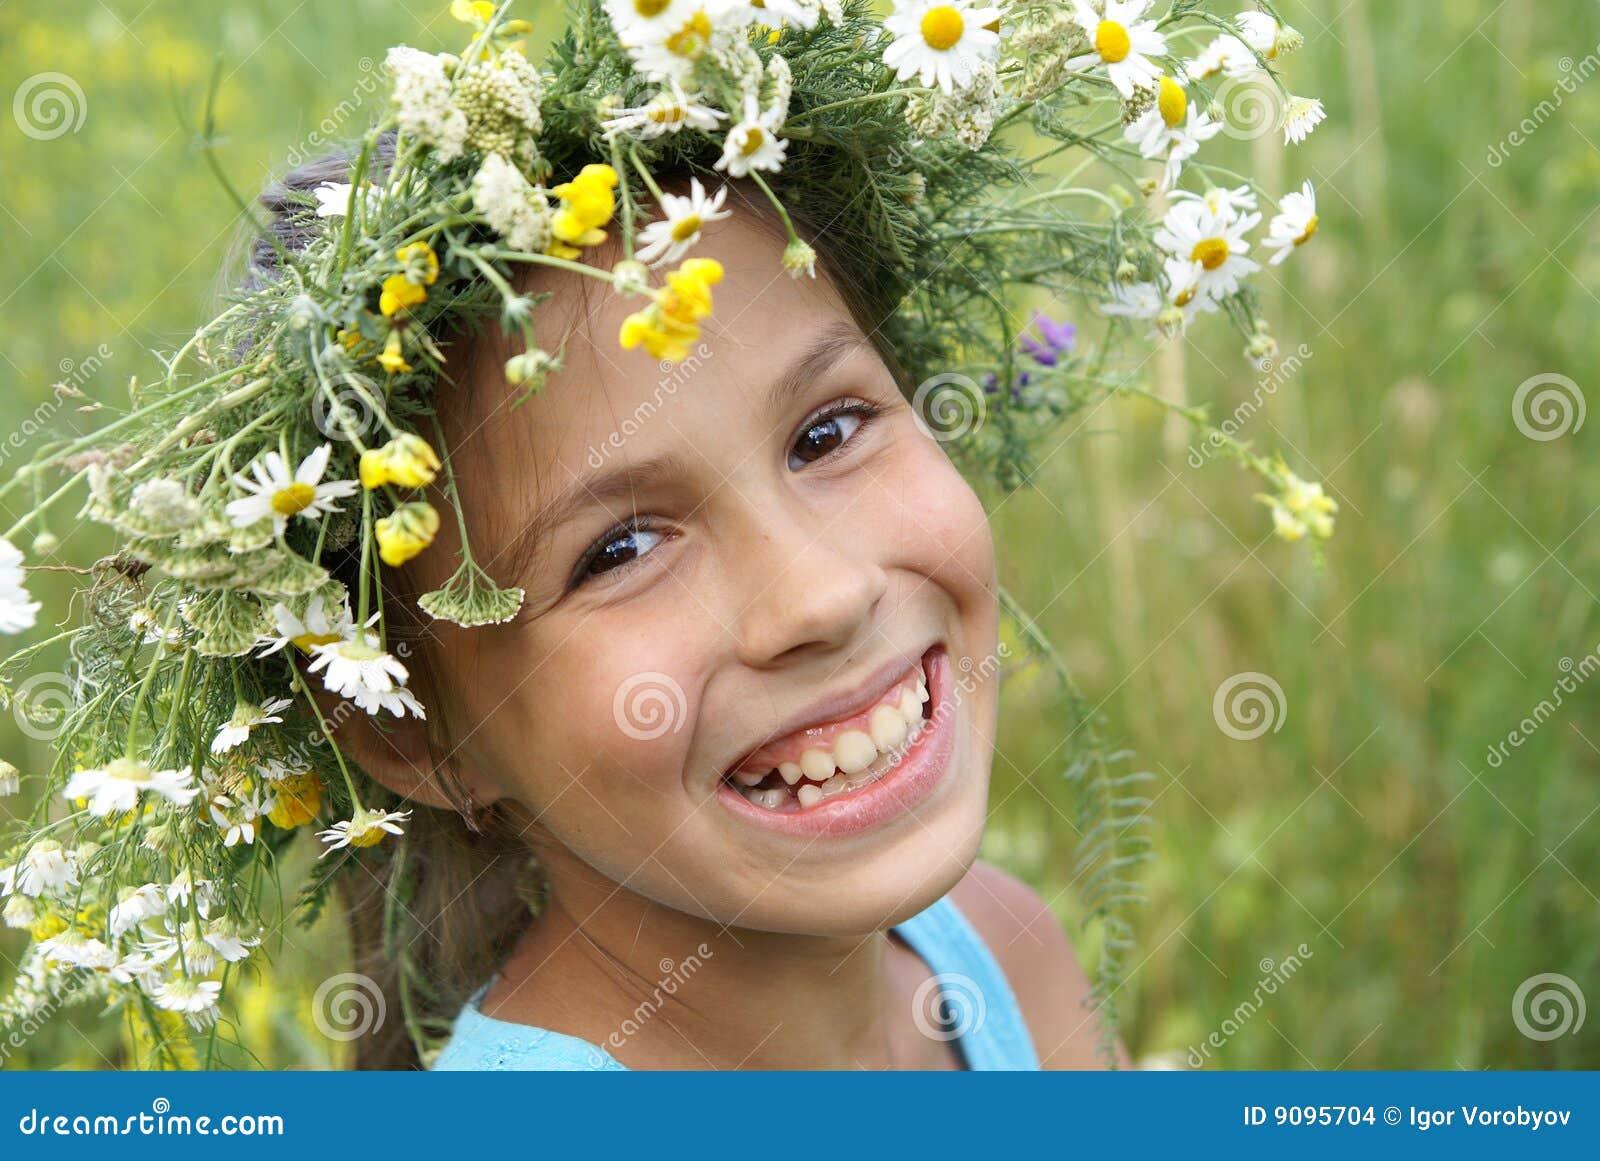 Mädchen in der Feldblumengirlande